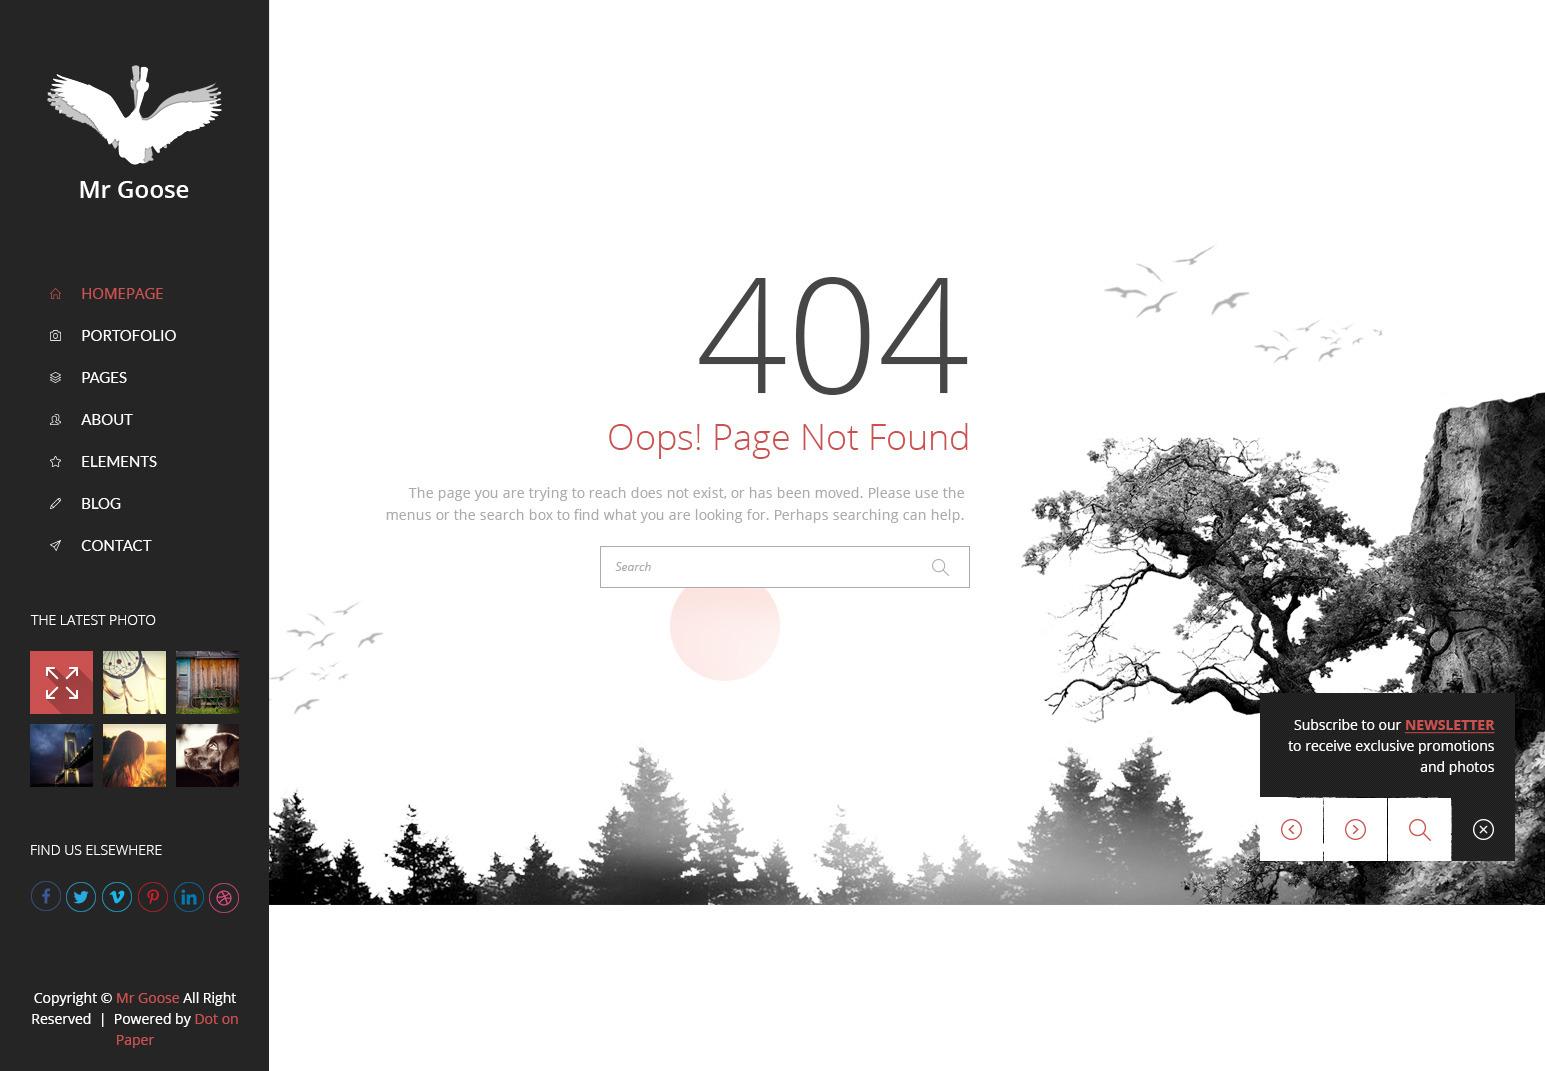 Mr Goose - Creative PSD Template - Desktop - 404